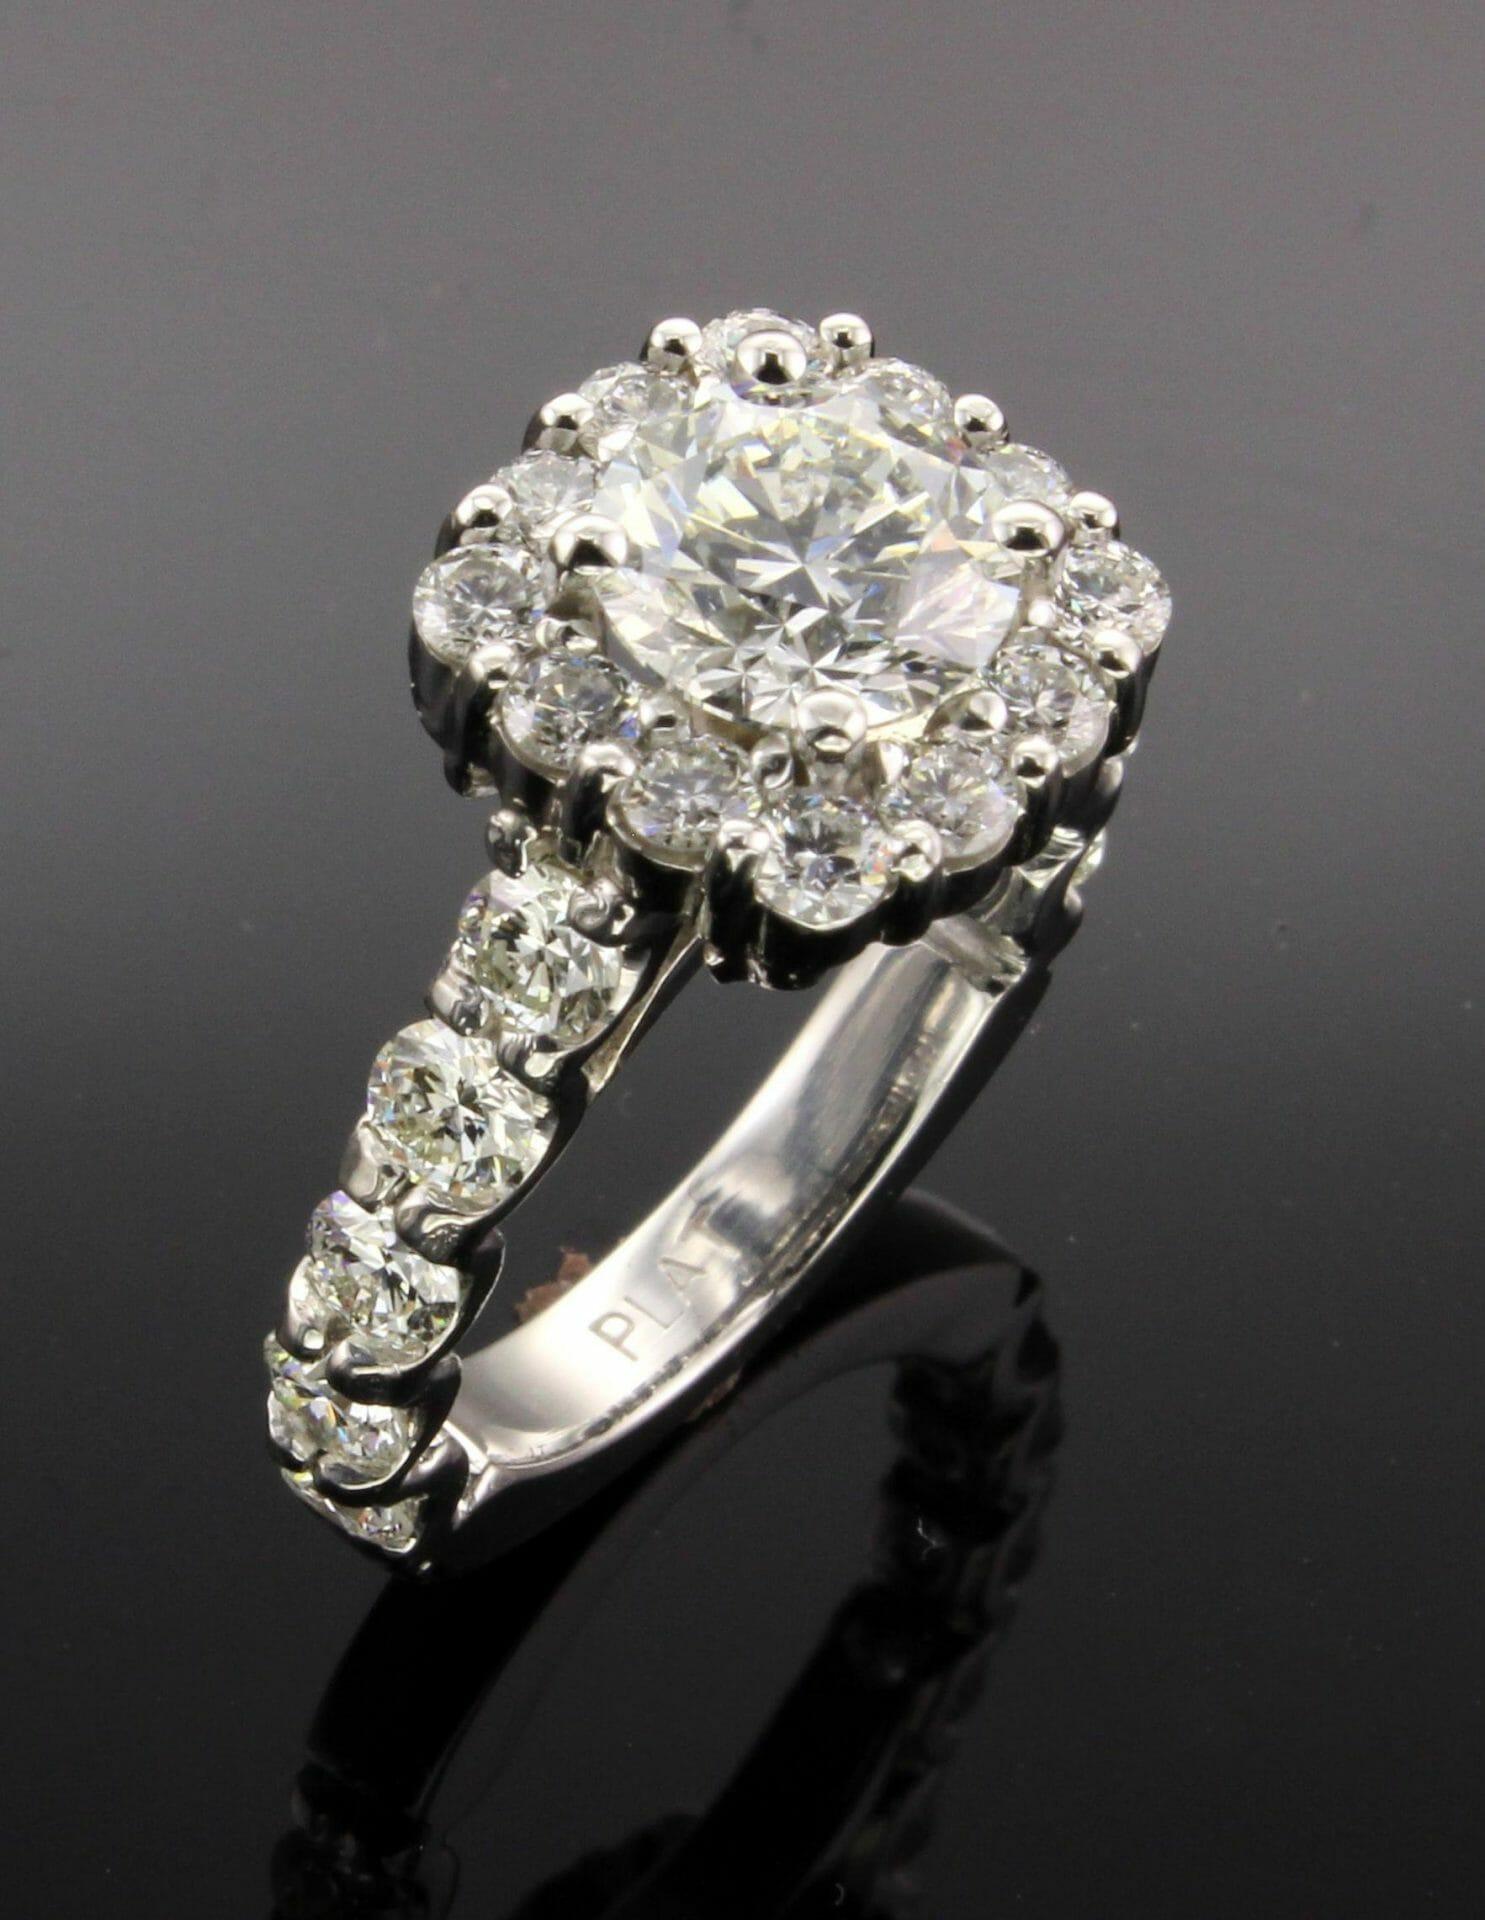 Keezing Kreations Custom Made Jewelry